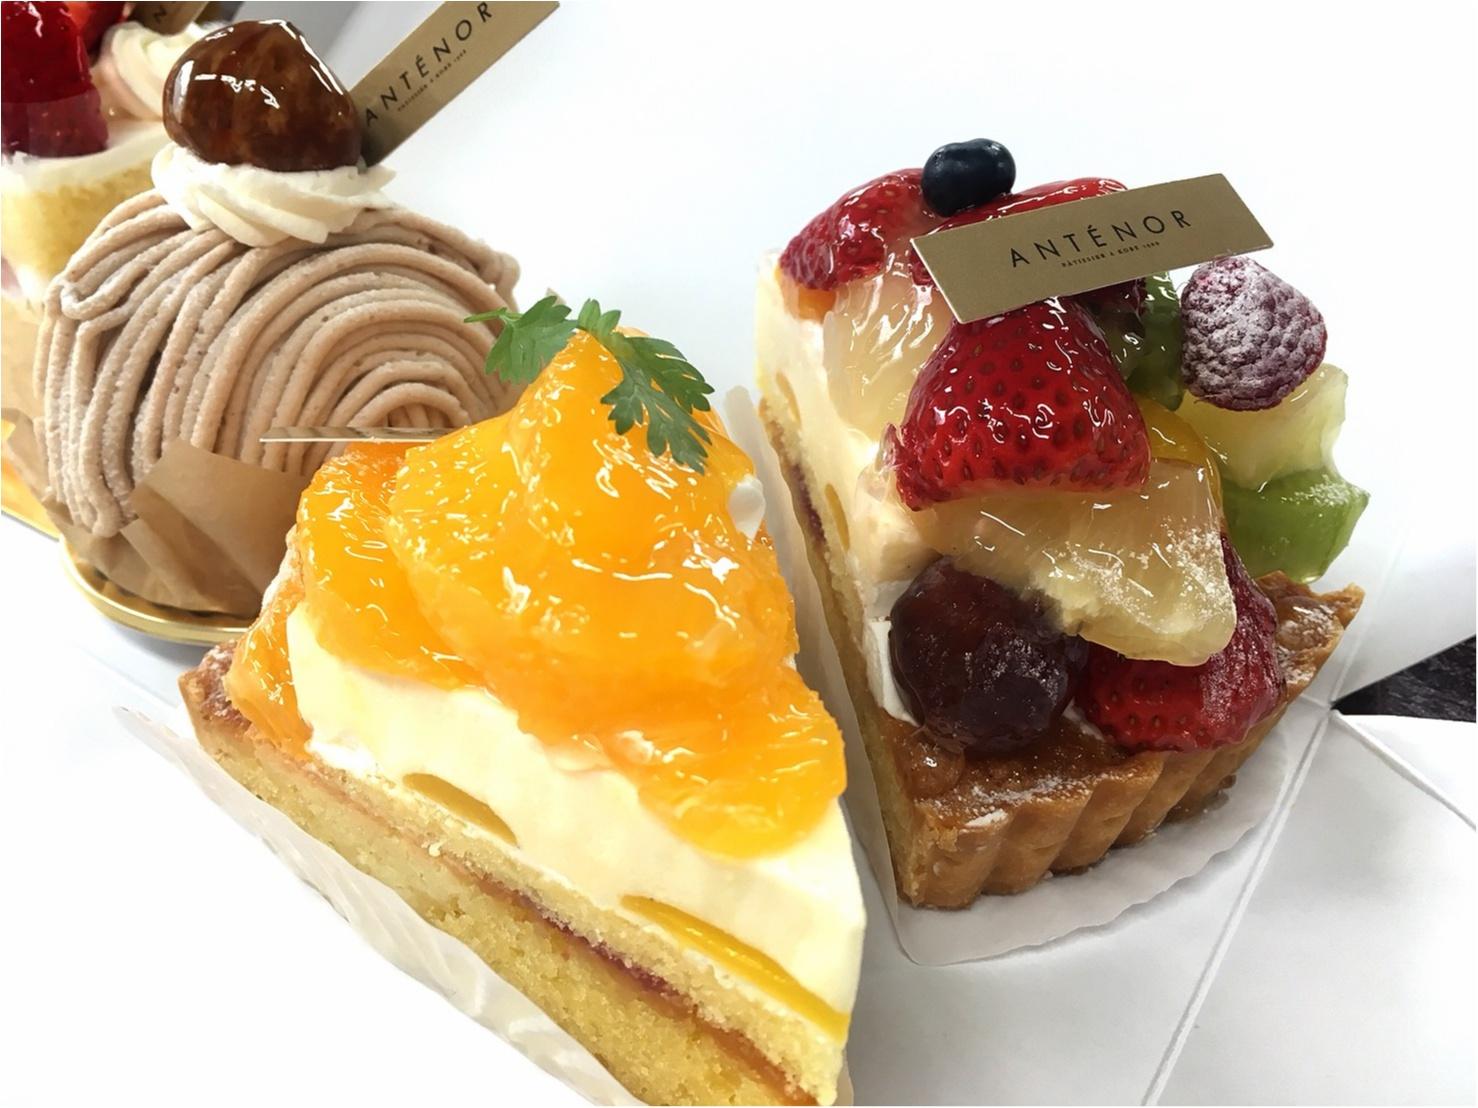 アンテノールのケーキが美味しすぎる。_2